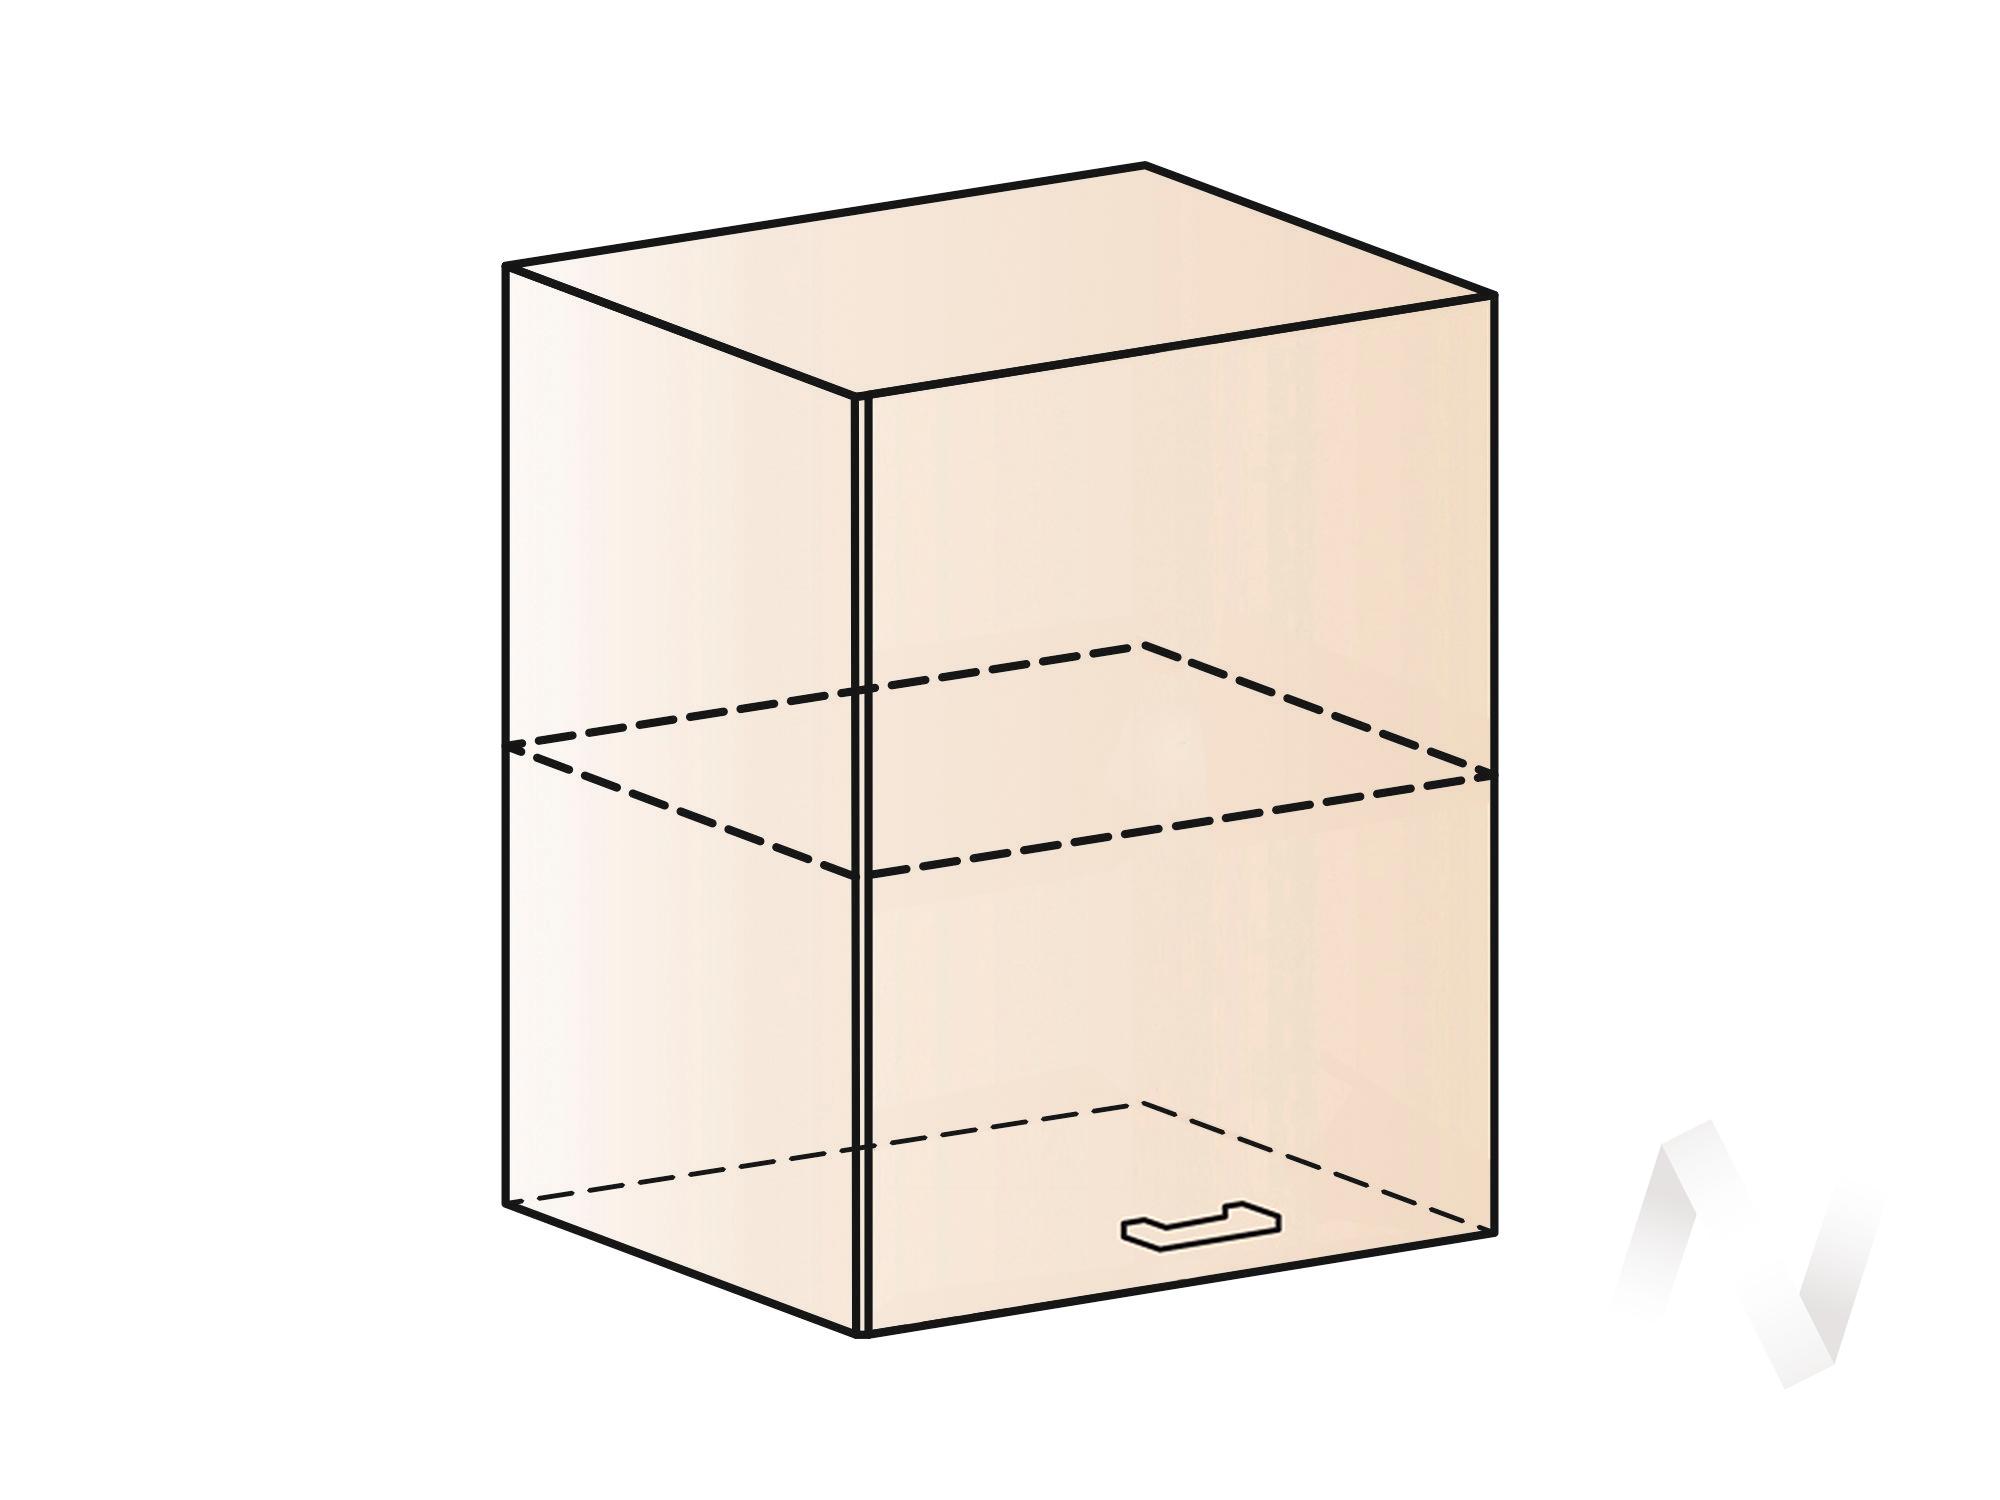 """Кухня """"Валерия-М"""": Шкаф верхний с одной дверью 600, ШВ 600 (лайм глянец/корпус венге)"""